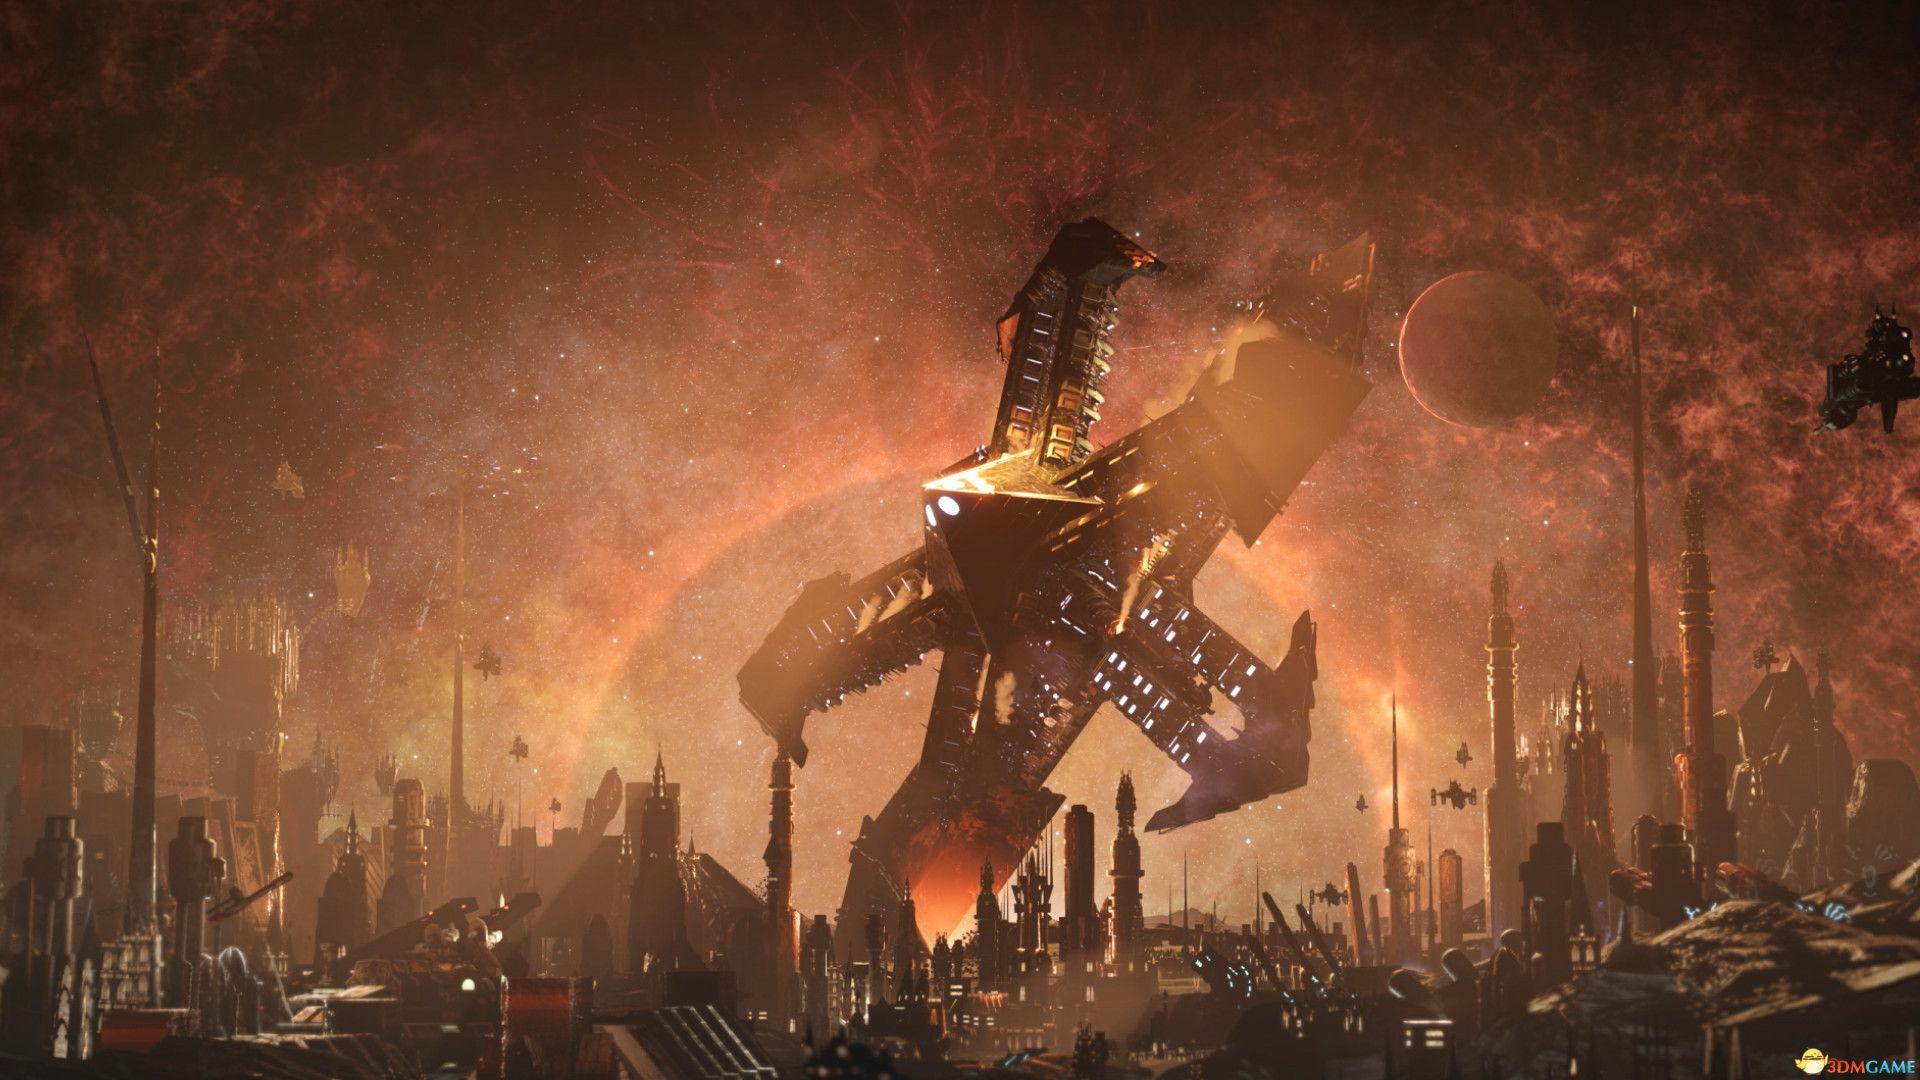 太空激战 《哥特舰队:阿玛达2》中文免安装版下载